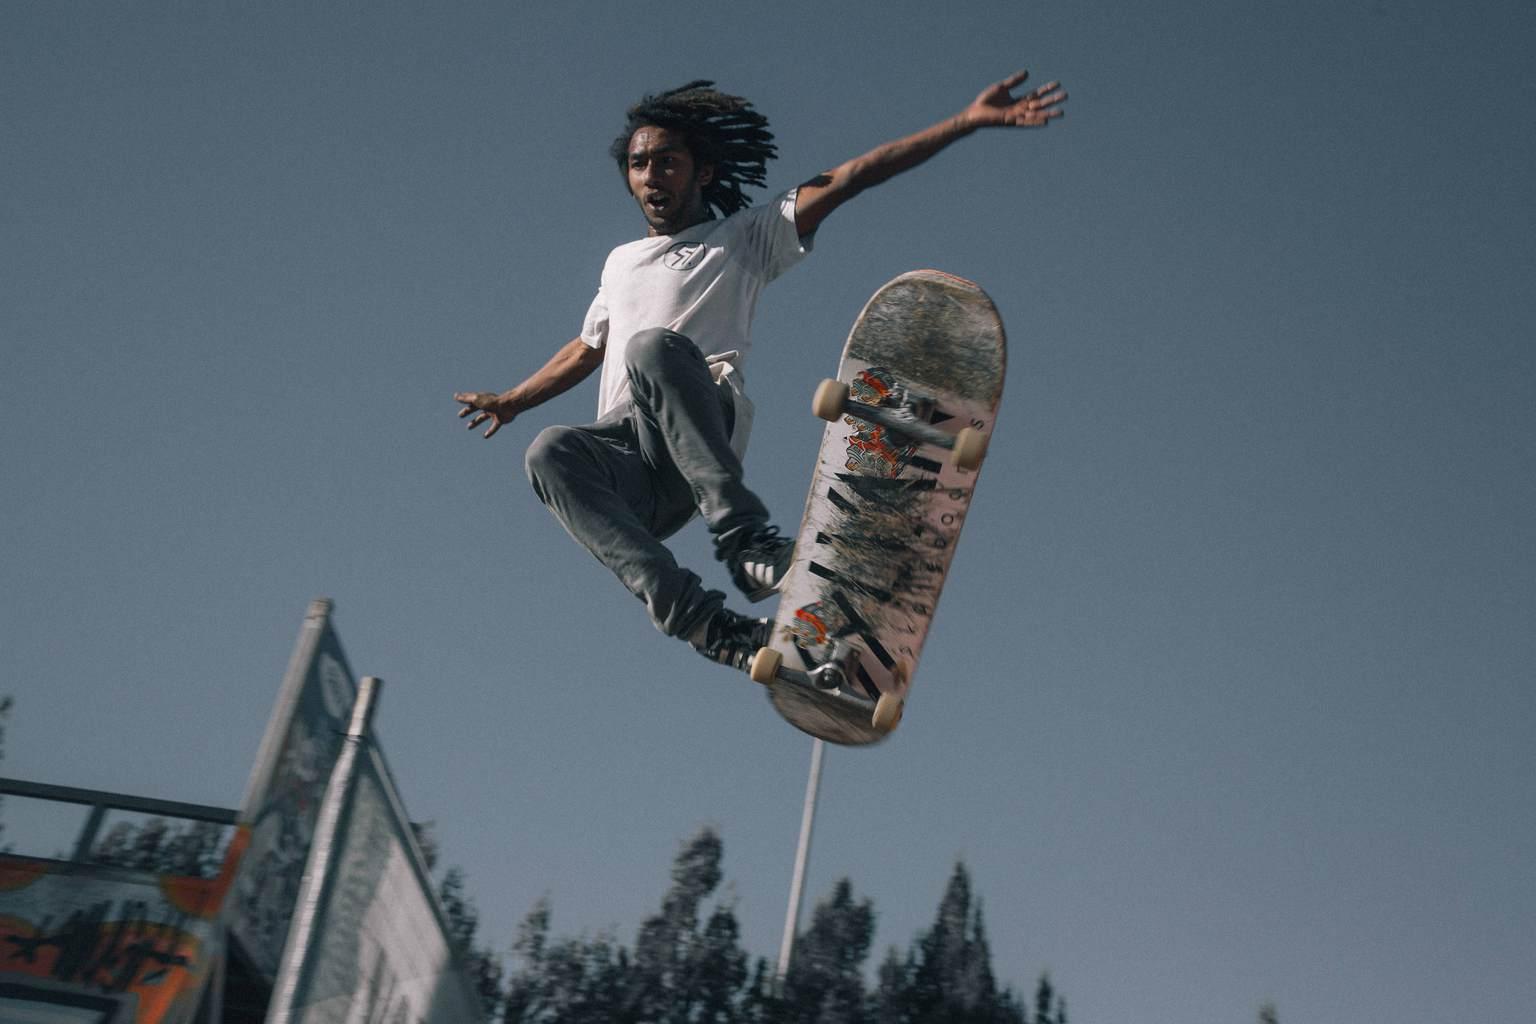 Deporte urbano skater